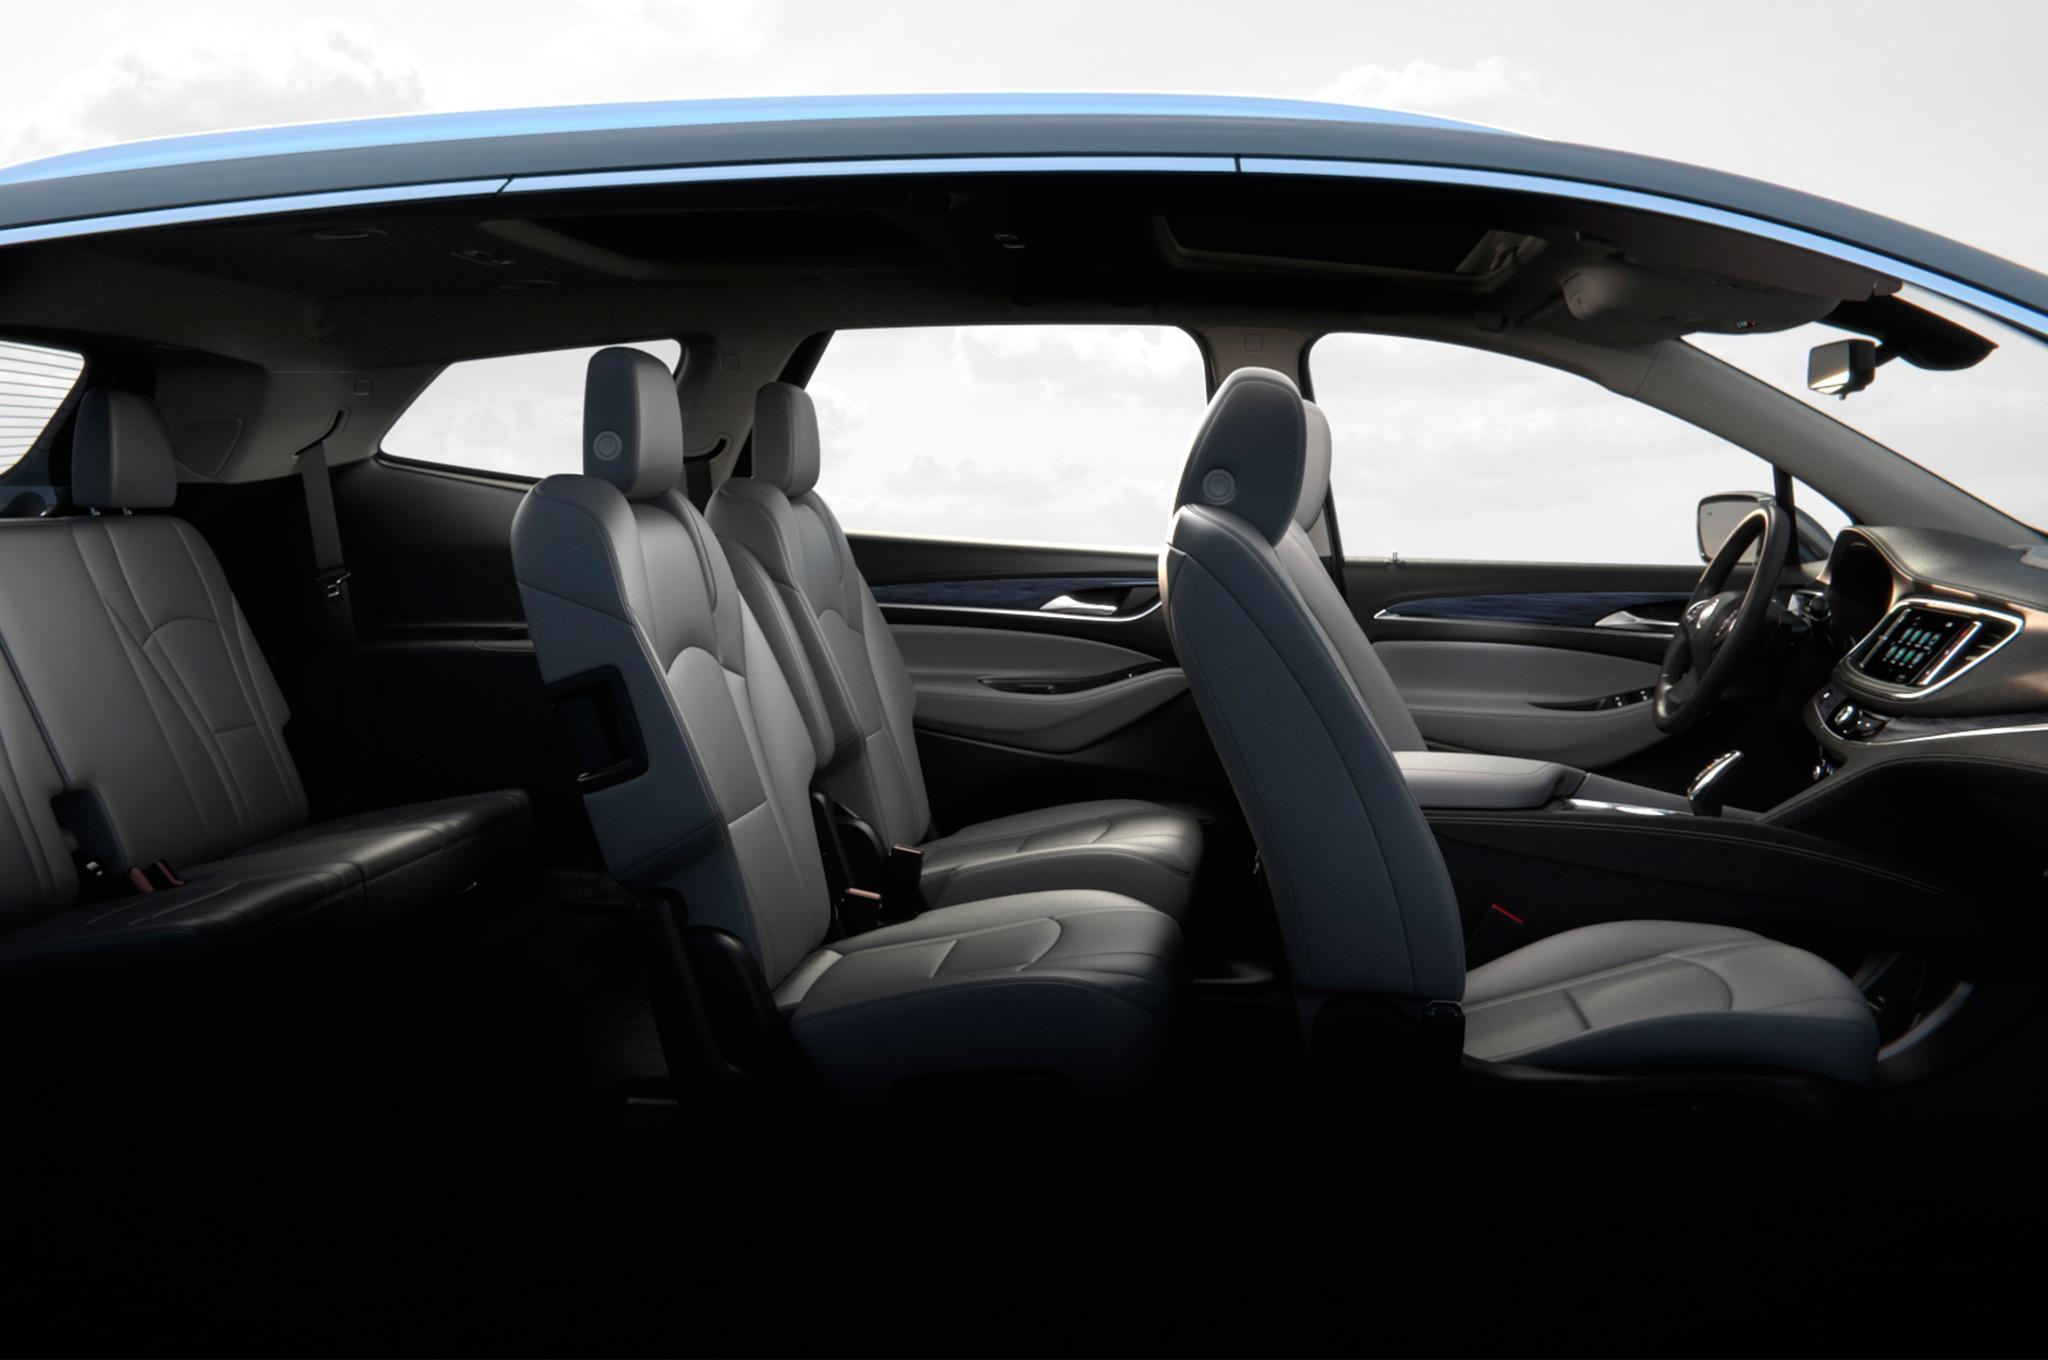 2018 buick enclave ditches portholes embraces class automobile magazine. Black Bedroom Furniture Sets. Home Design Ideas